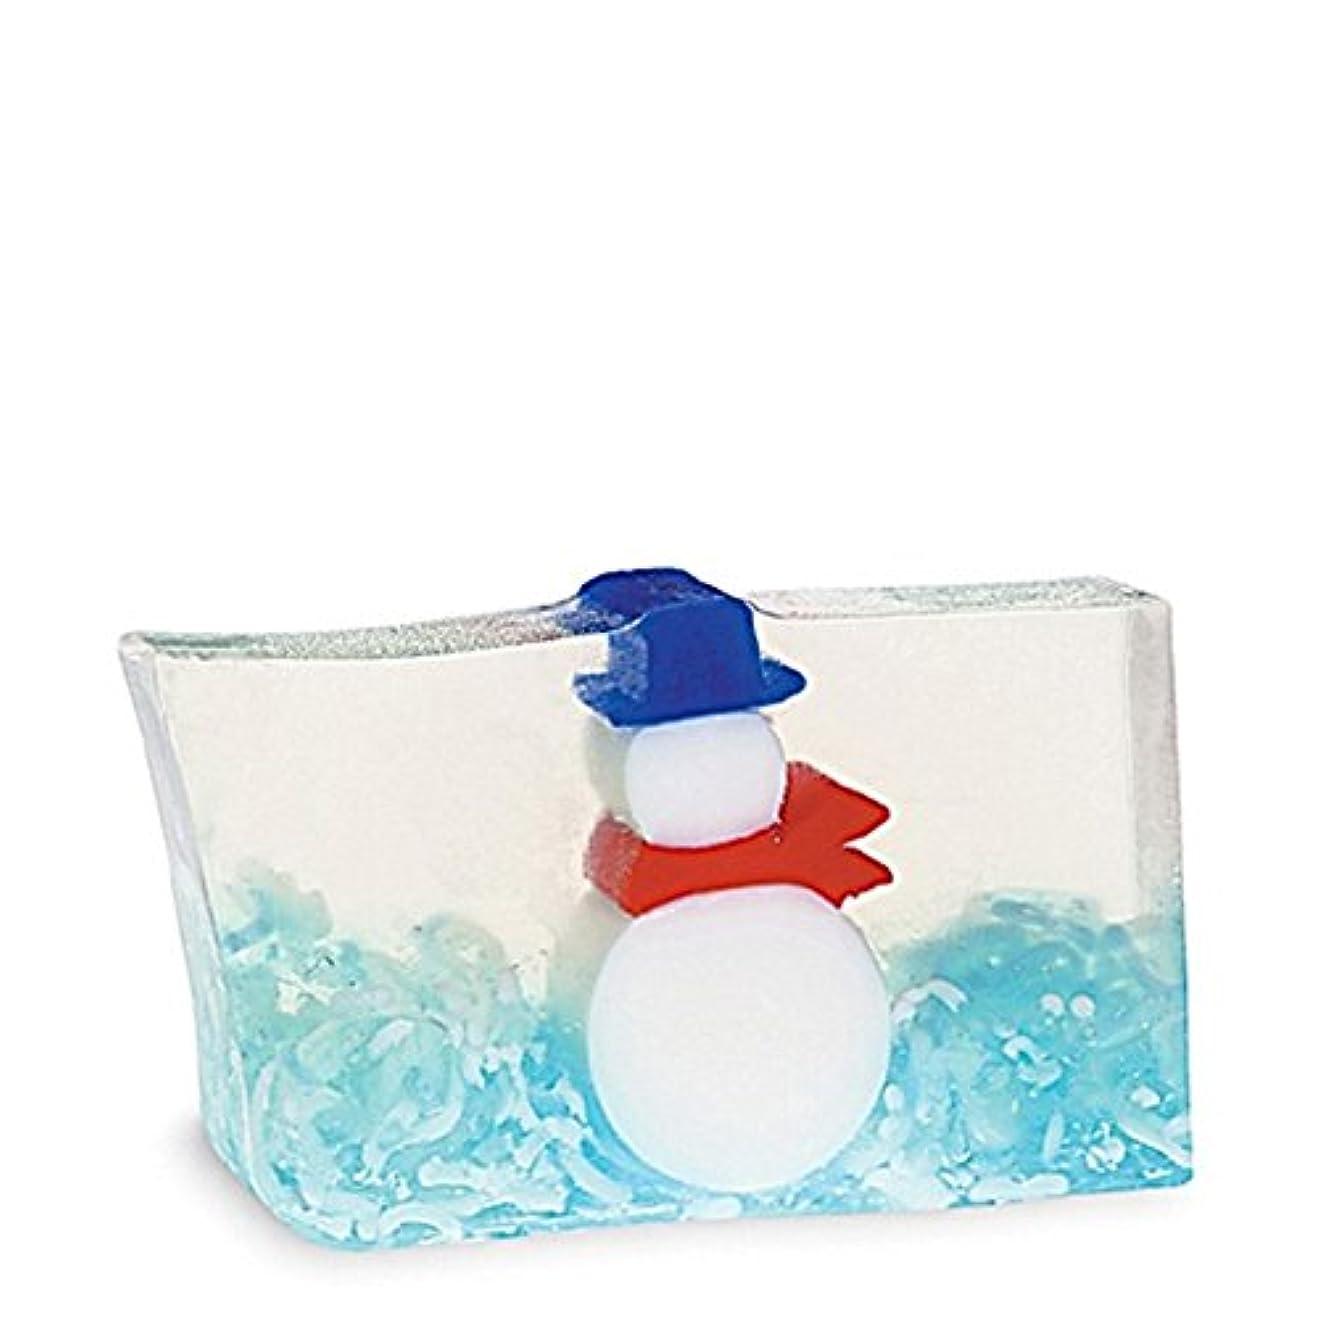 専門化する梨バラバラにする原初の要素雪だるま石鹸170グラム x4 - Primal Elements Snowman Soap 170g (Pack of 4) [並行輸入品]